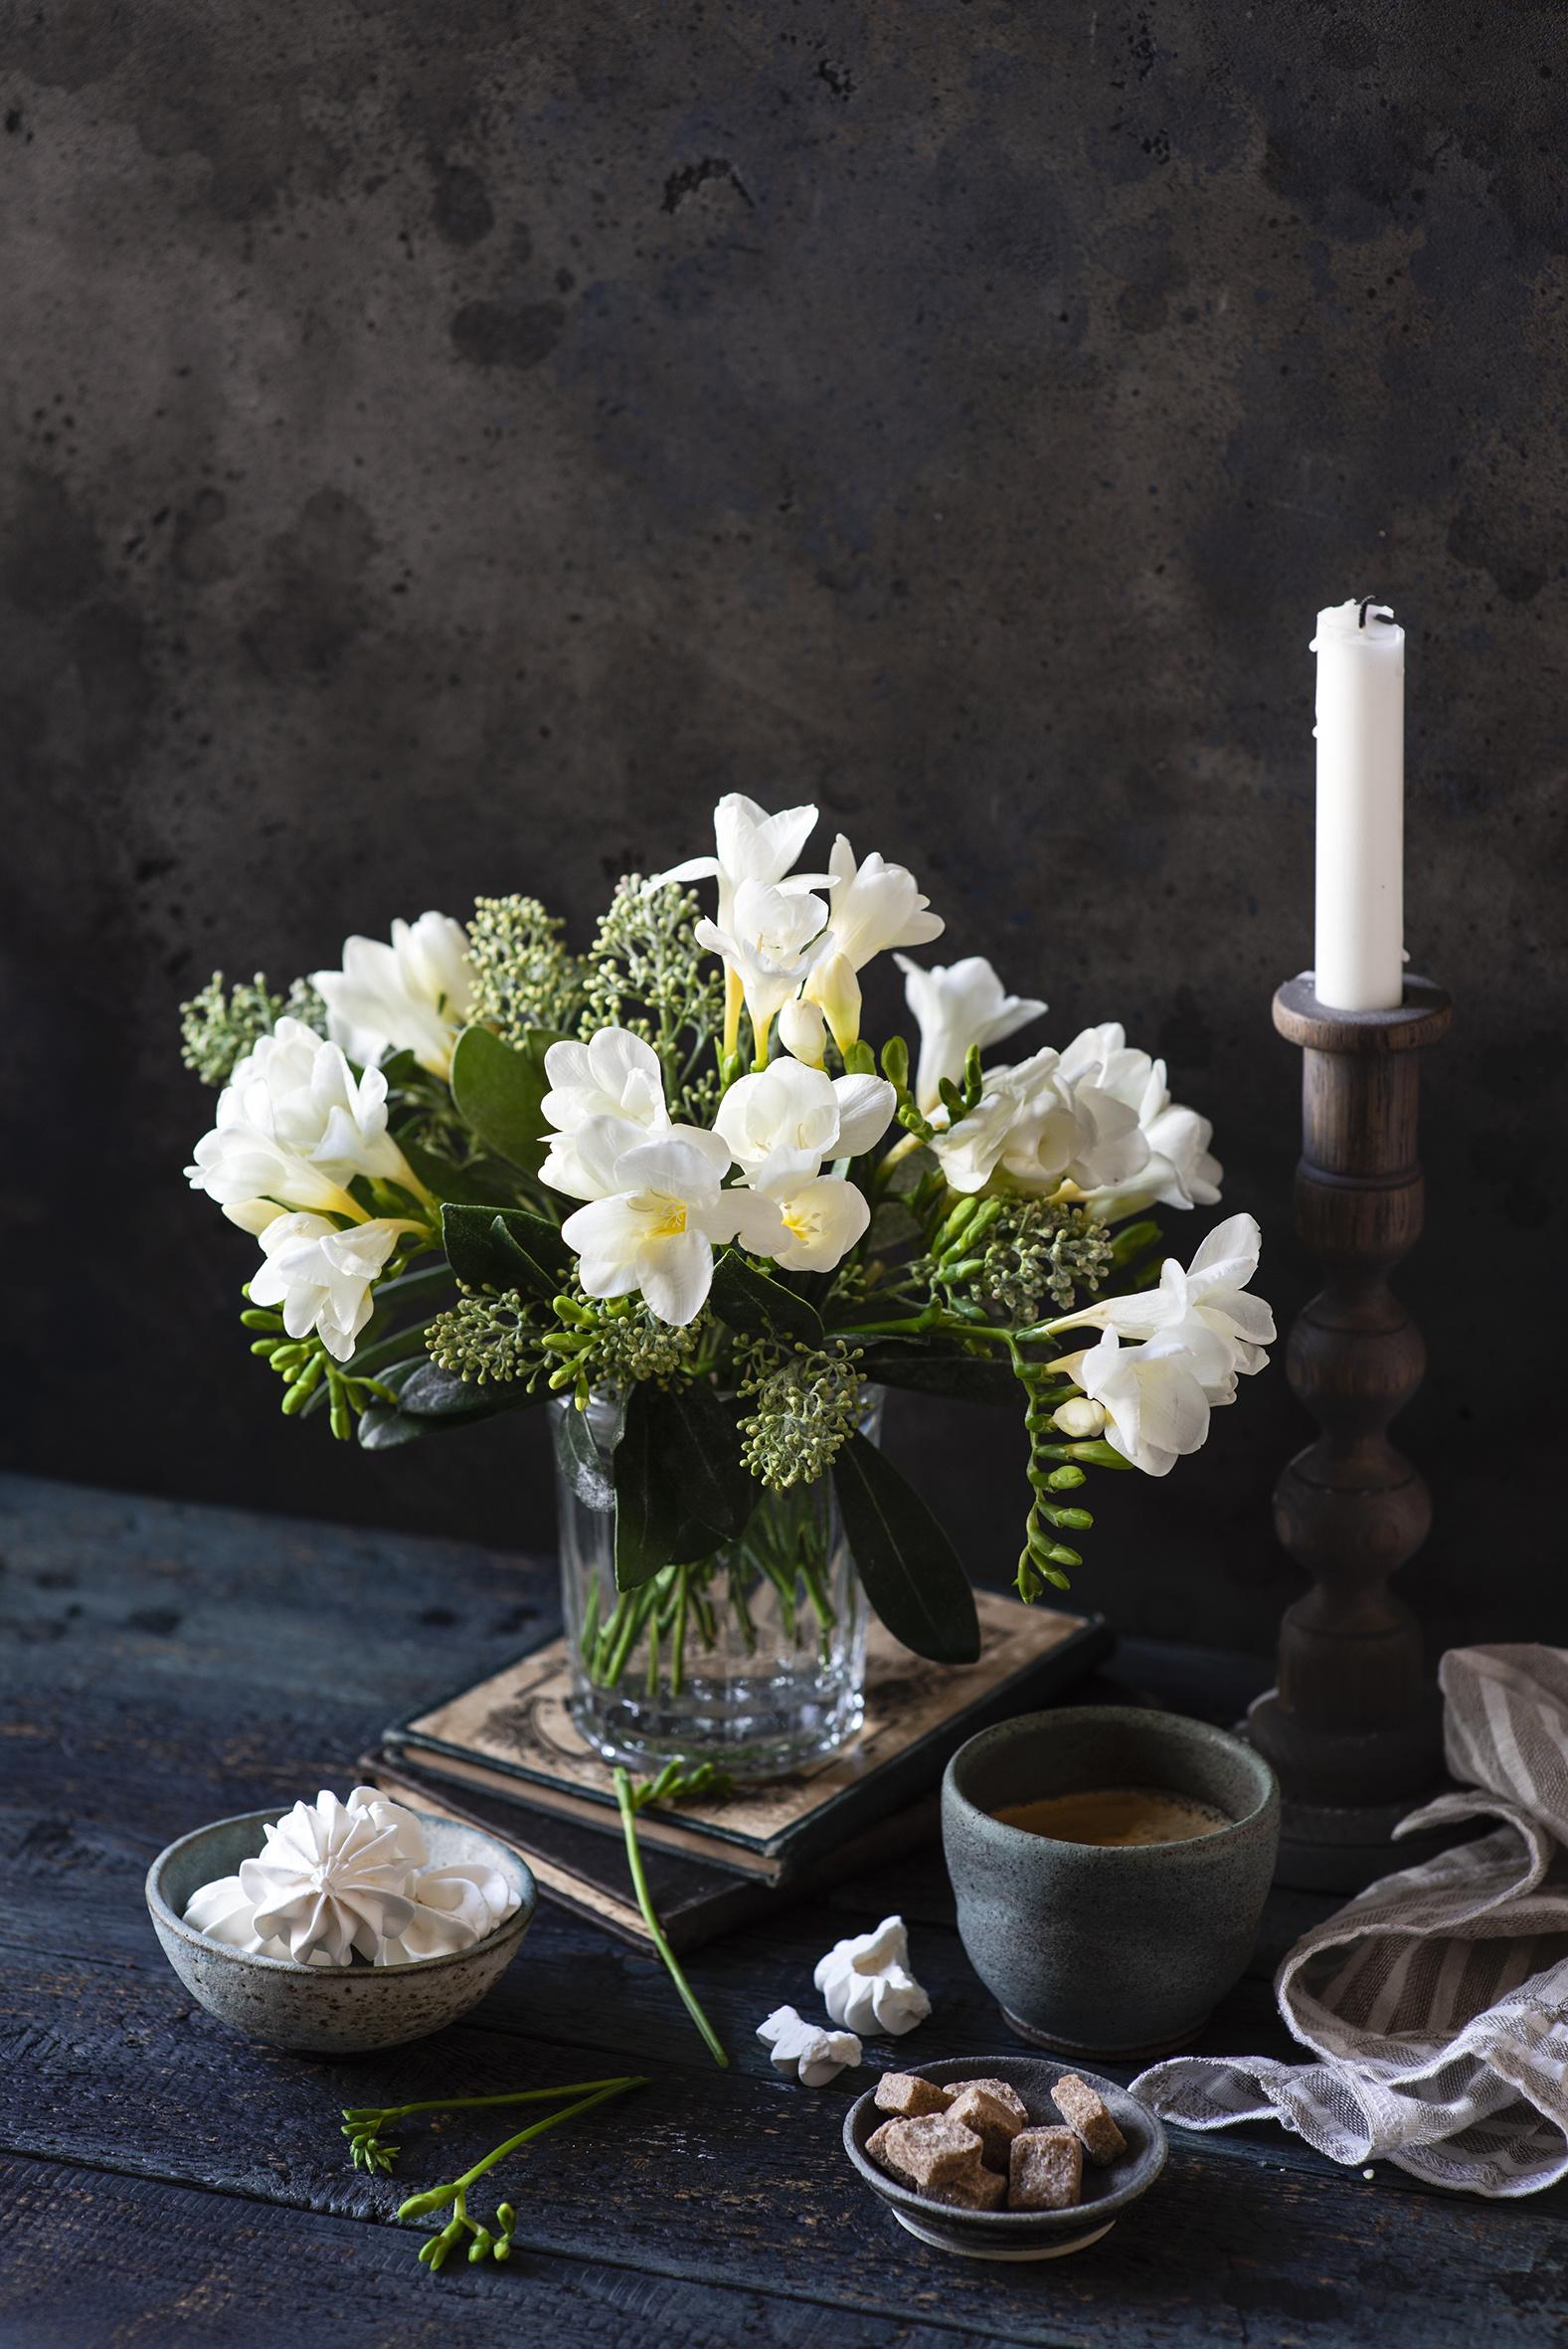 Bilder von Weiß Zefir Zucker Kaffee Blüte Freesien Vase Becher Kerzen  für Handy Blumen Freesie